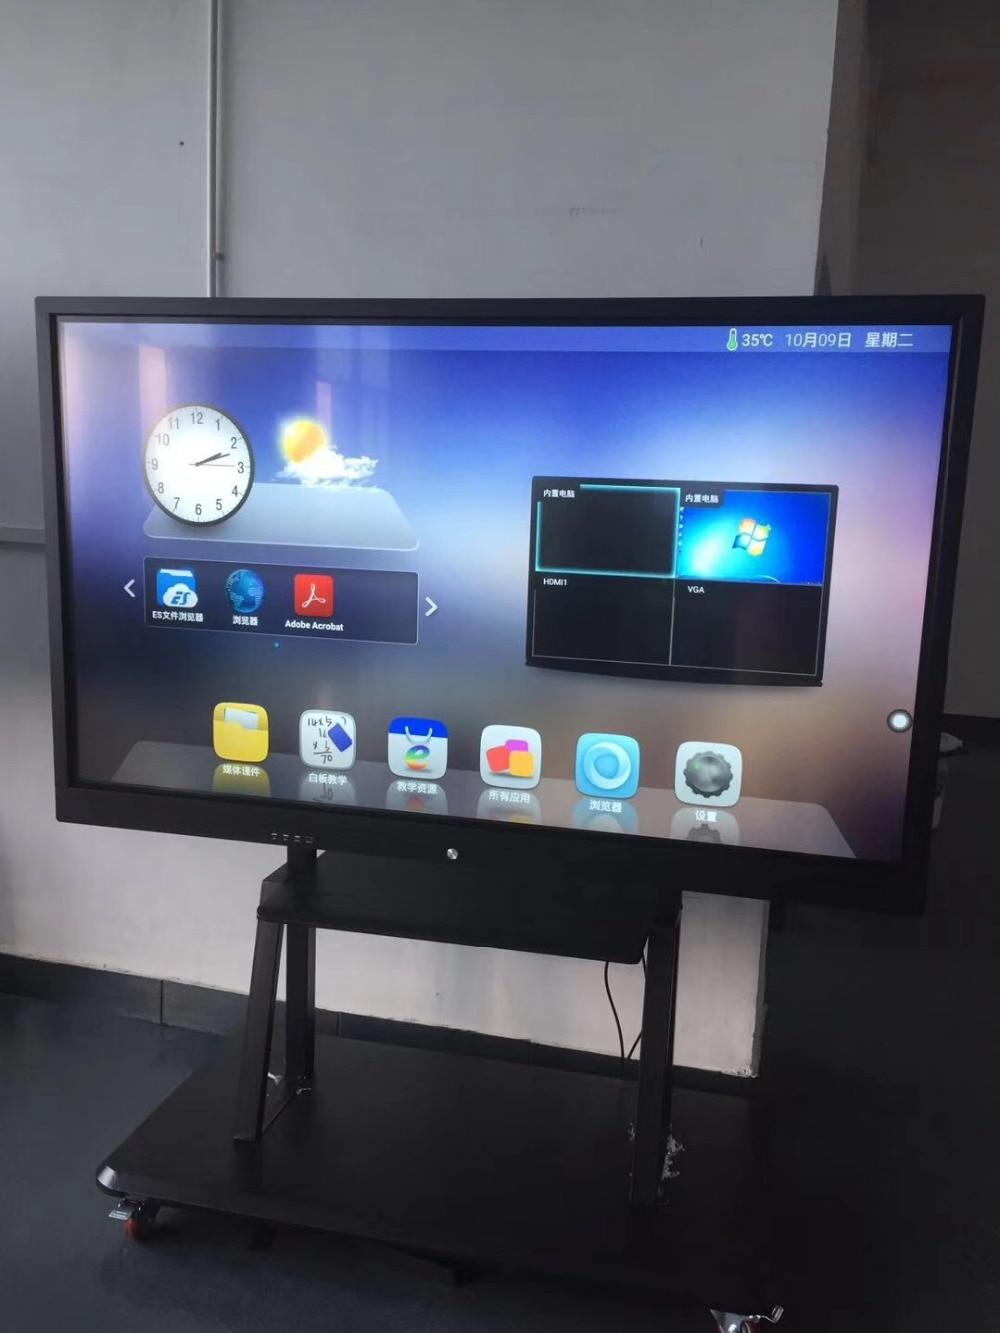 DIY 43 49 55 65 дюймов ЖК социальной медиа дисплей киоск/Digital Signage/сенсорный экран монитора с ПК Встроенный